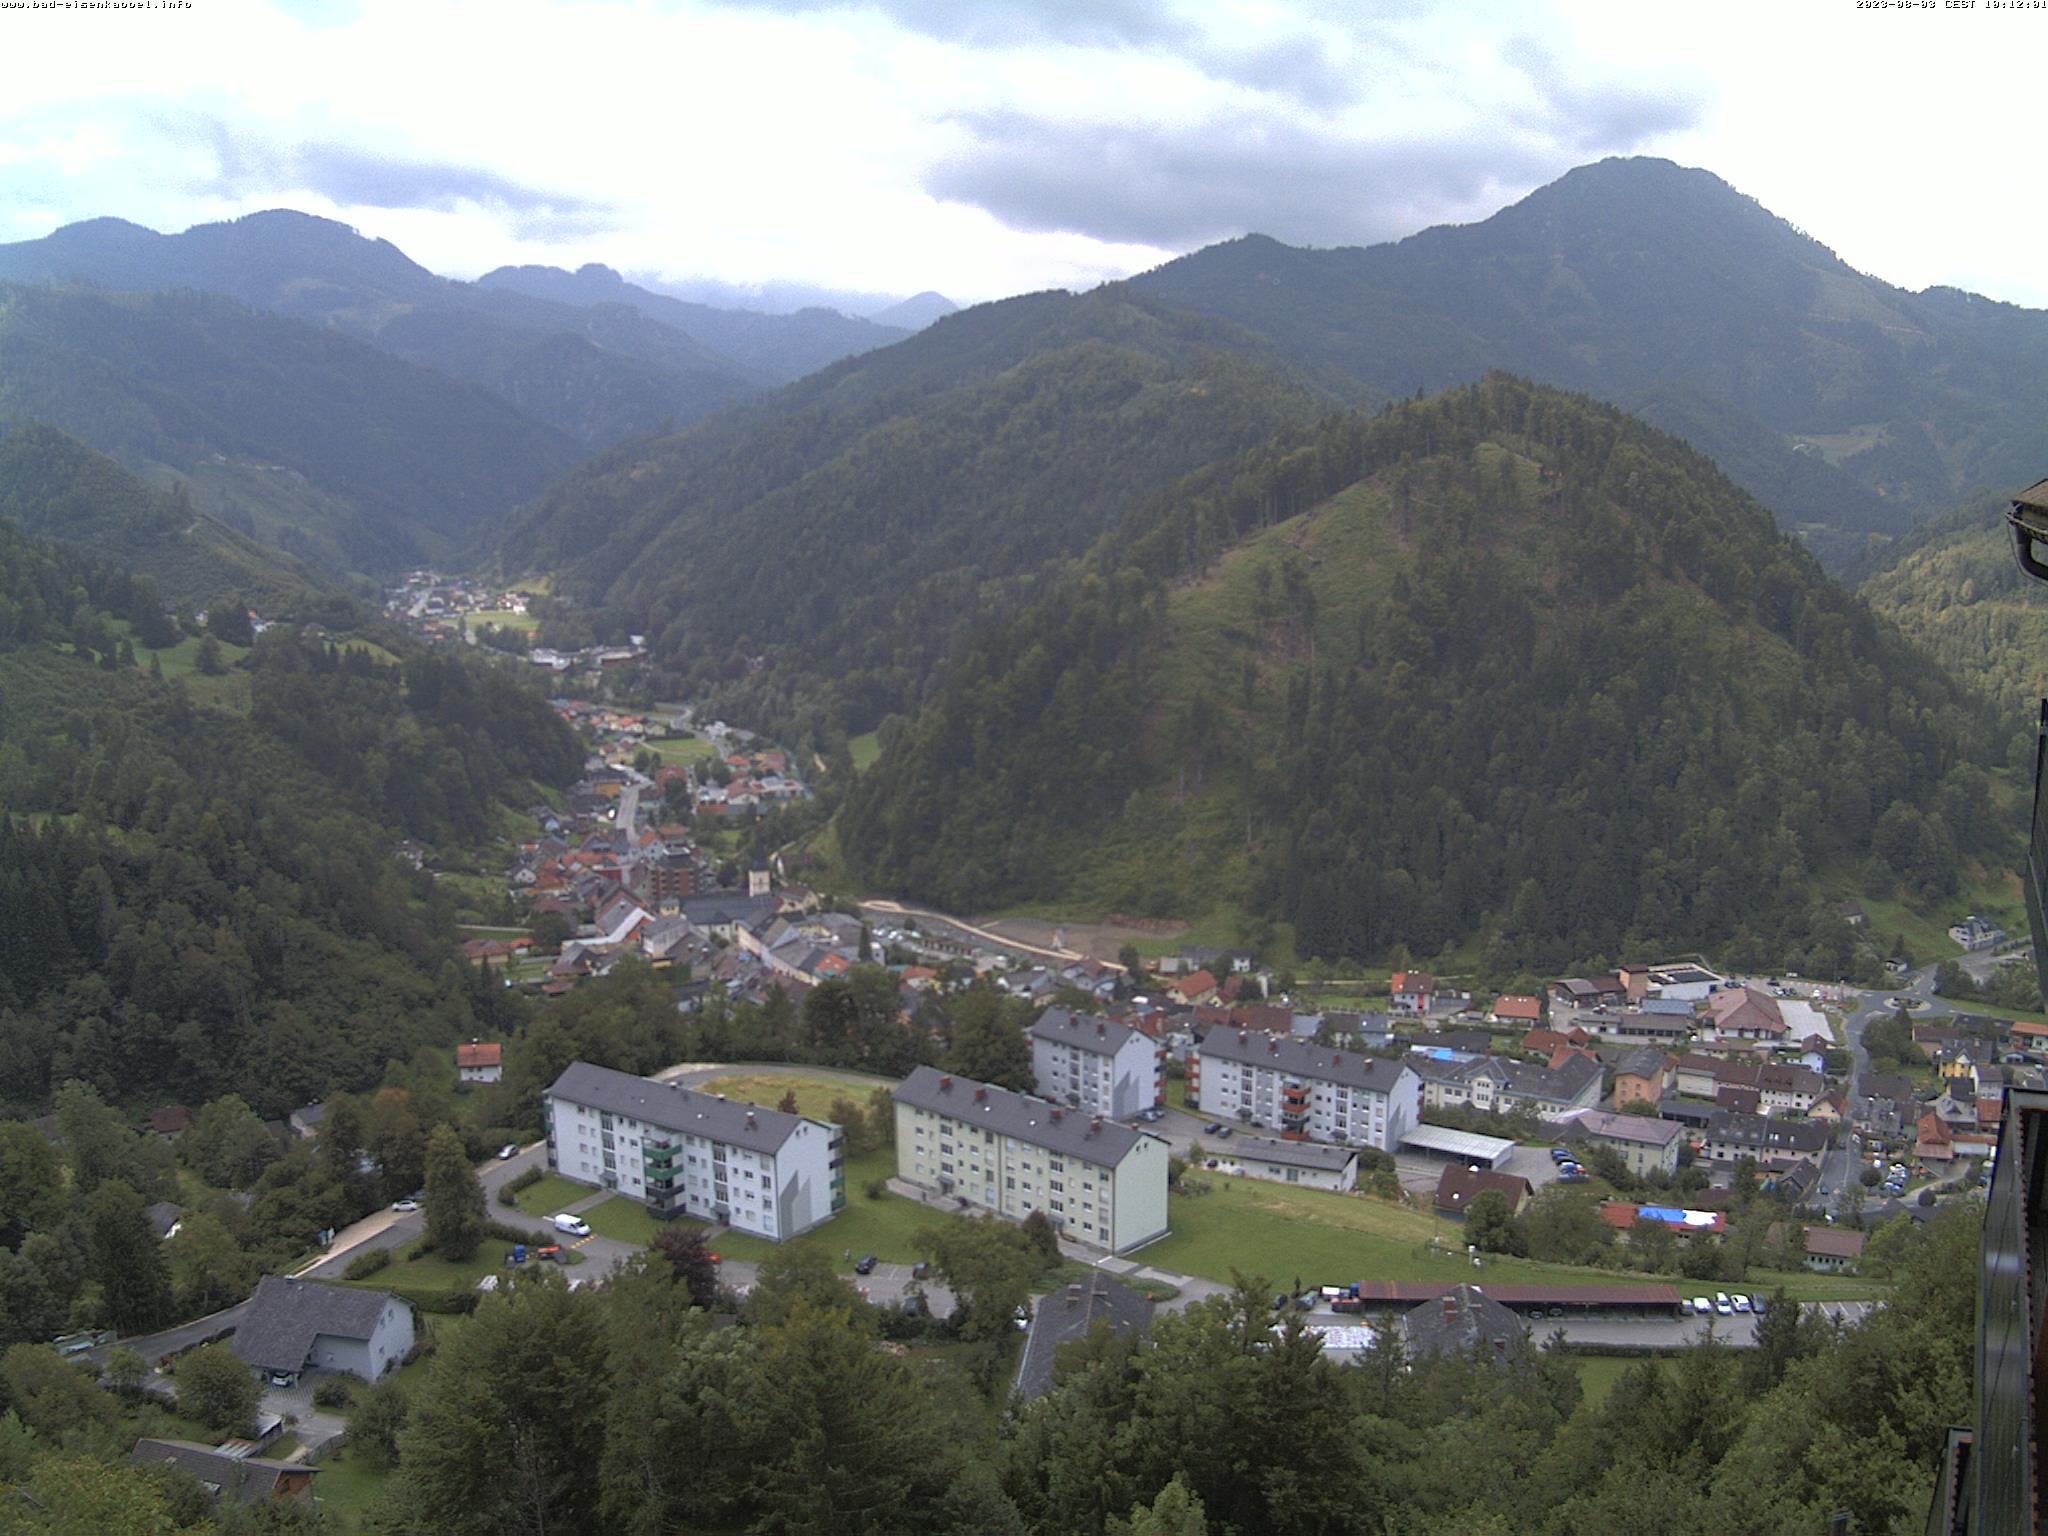 Webcam-Livebild Berghof Brunner, Aktualisierung alle 5 min